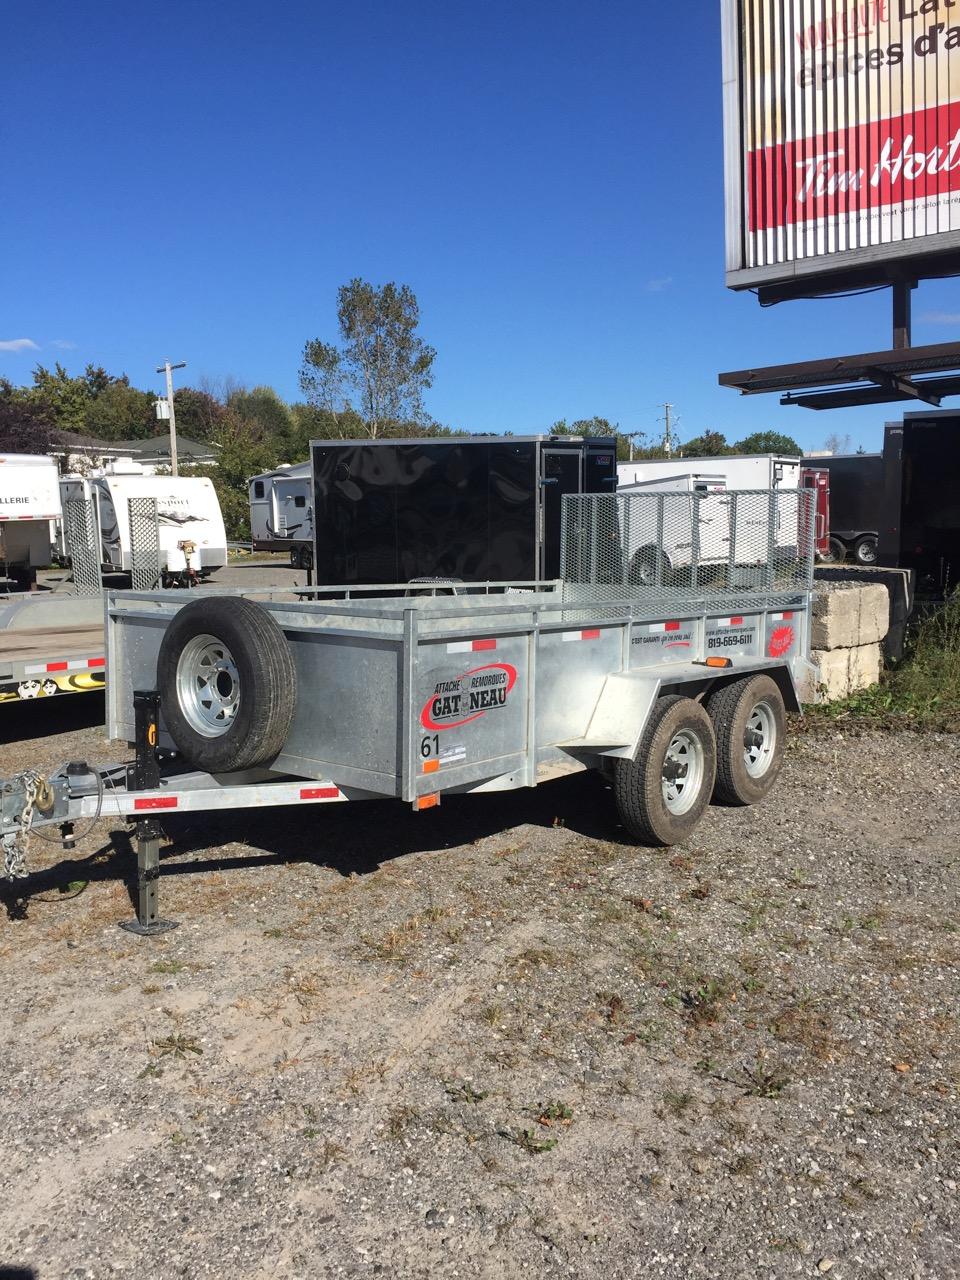 """OUVERTE 6'X12'  Connexion: 4 fils Boule 2 5/16"""" Porte arrière: rampe Freins hydrauliques Capacité de charge: 5 000 lbs  # 161"""